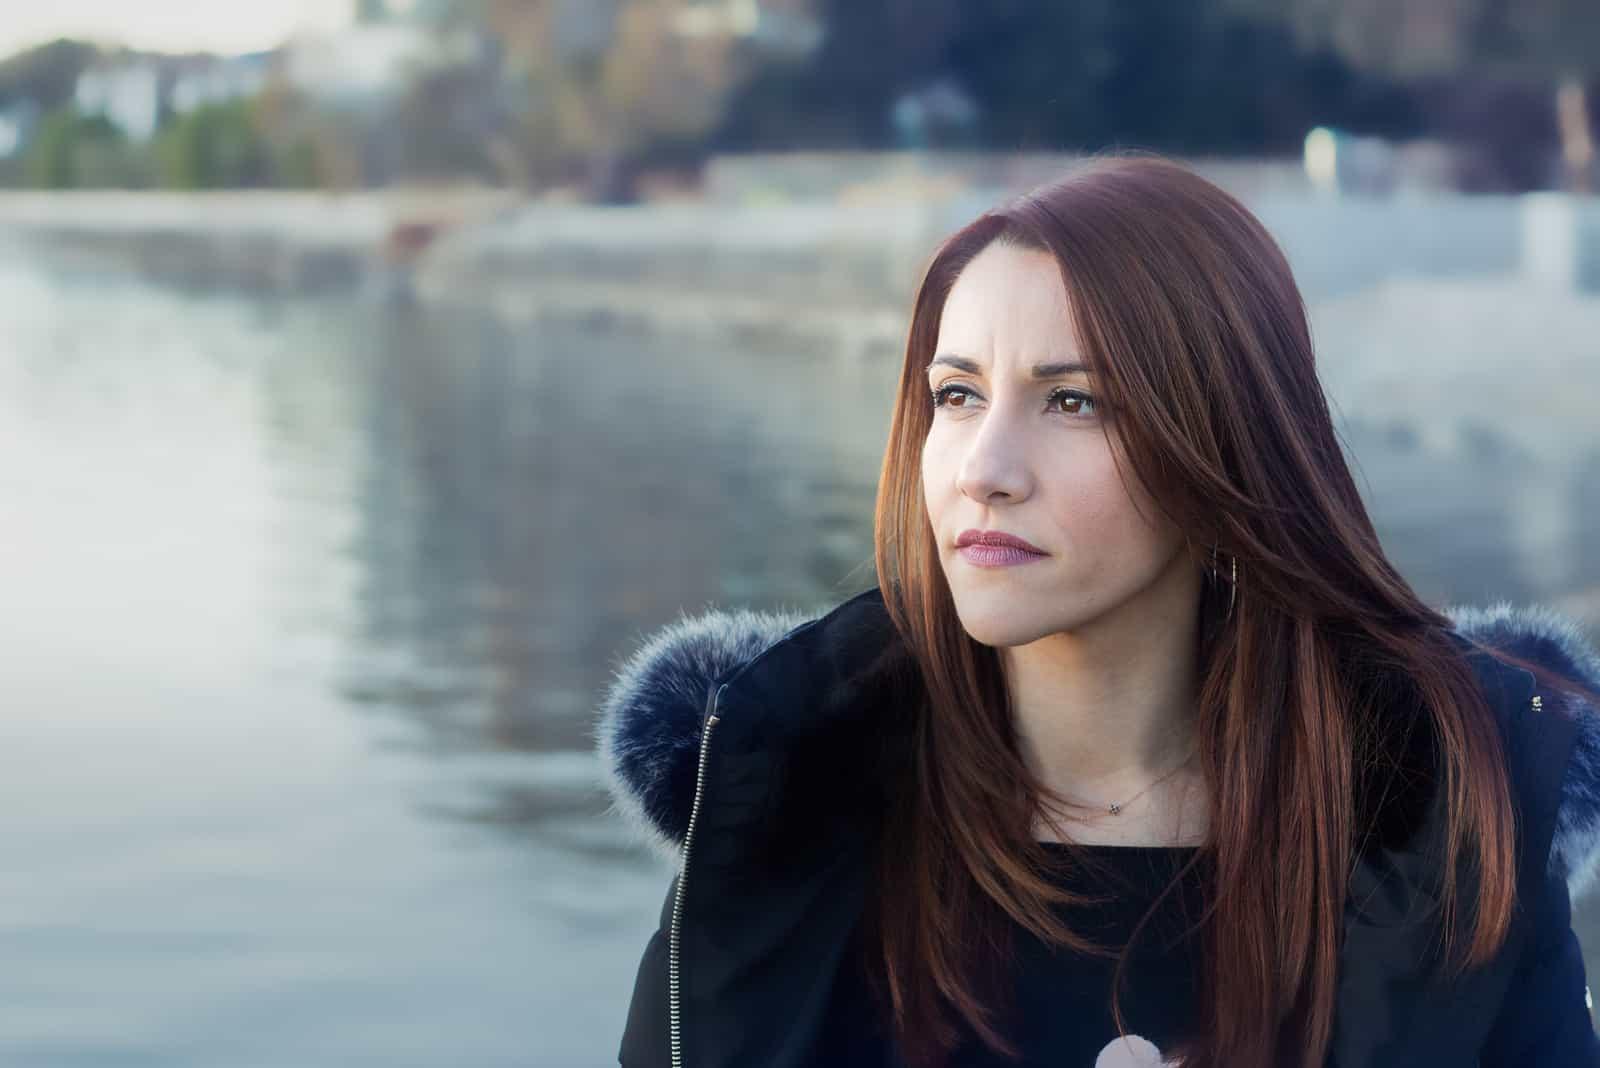 fundersam kvinna som står vid sjön ensam